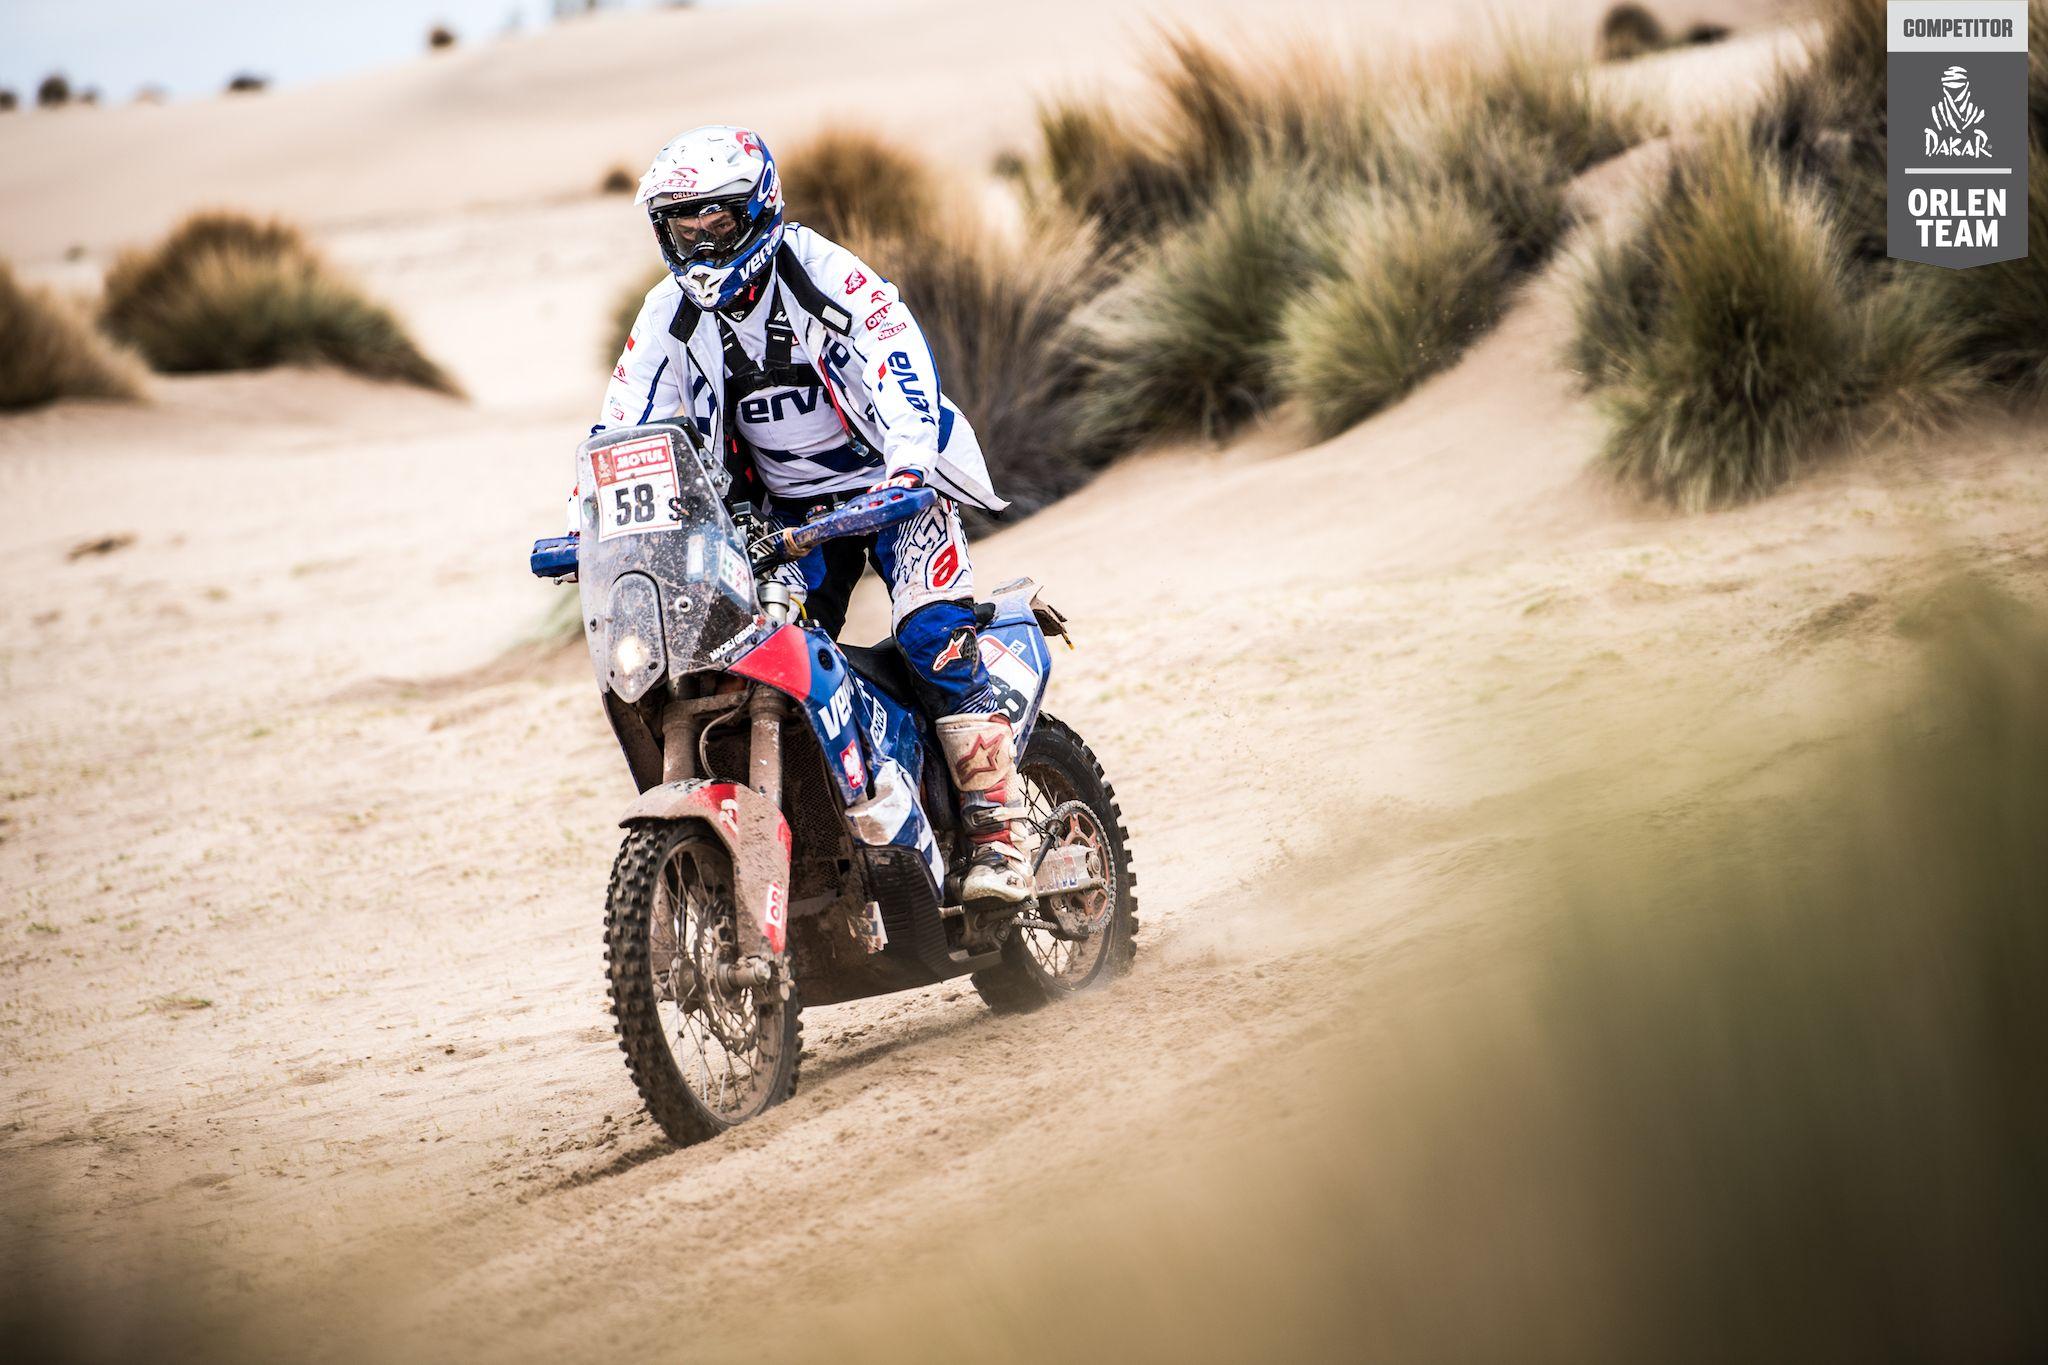 Dakar2018 - Orlen Team